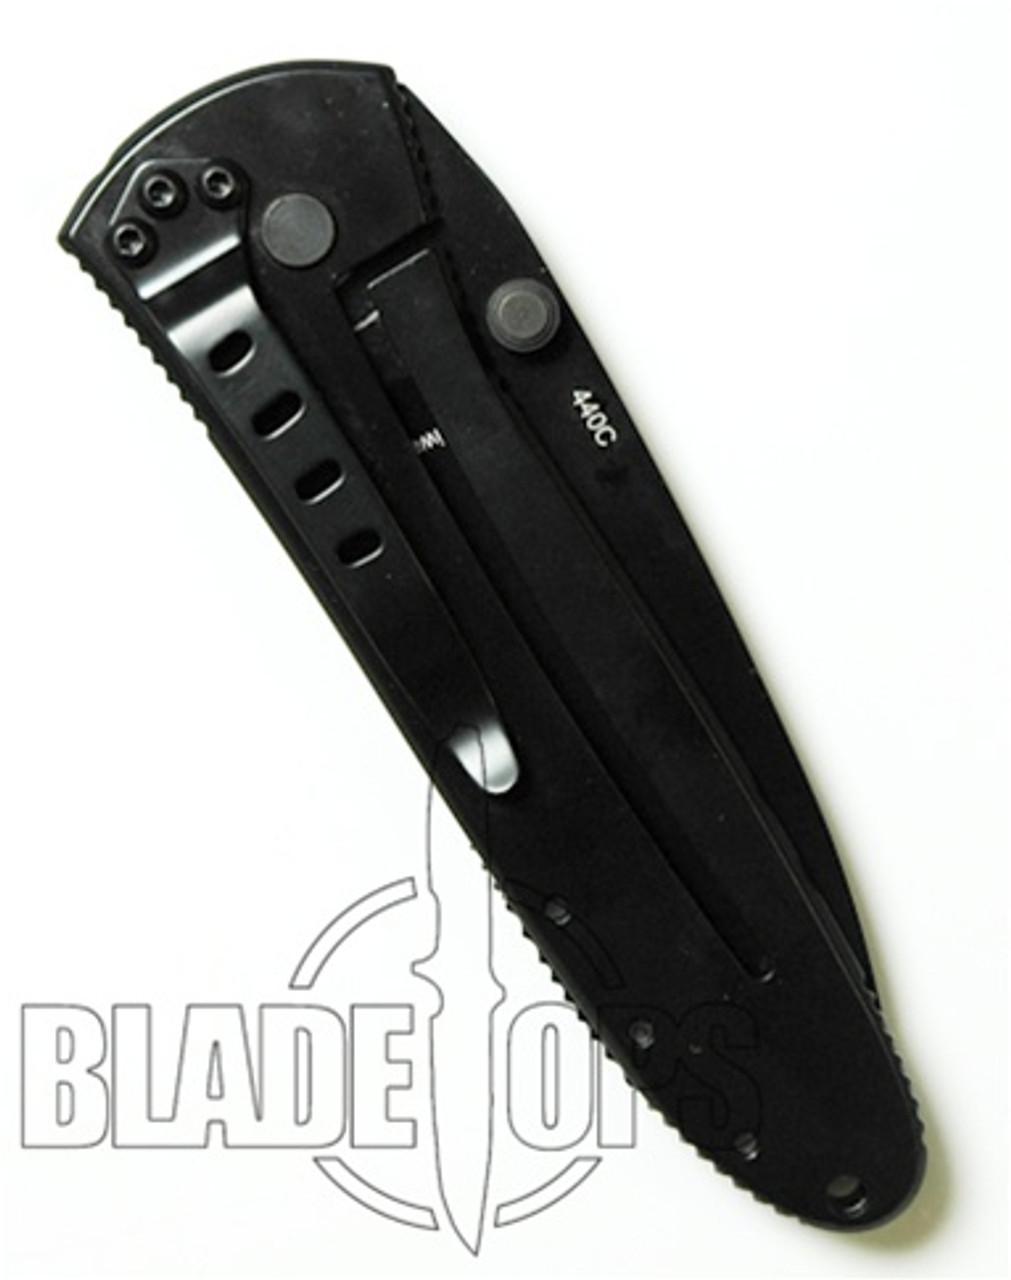 Benchmade H&K Monochrome Steirer Eisen Manual Folder Knife, Drop Point, Part Ser, 14320SBK